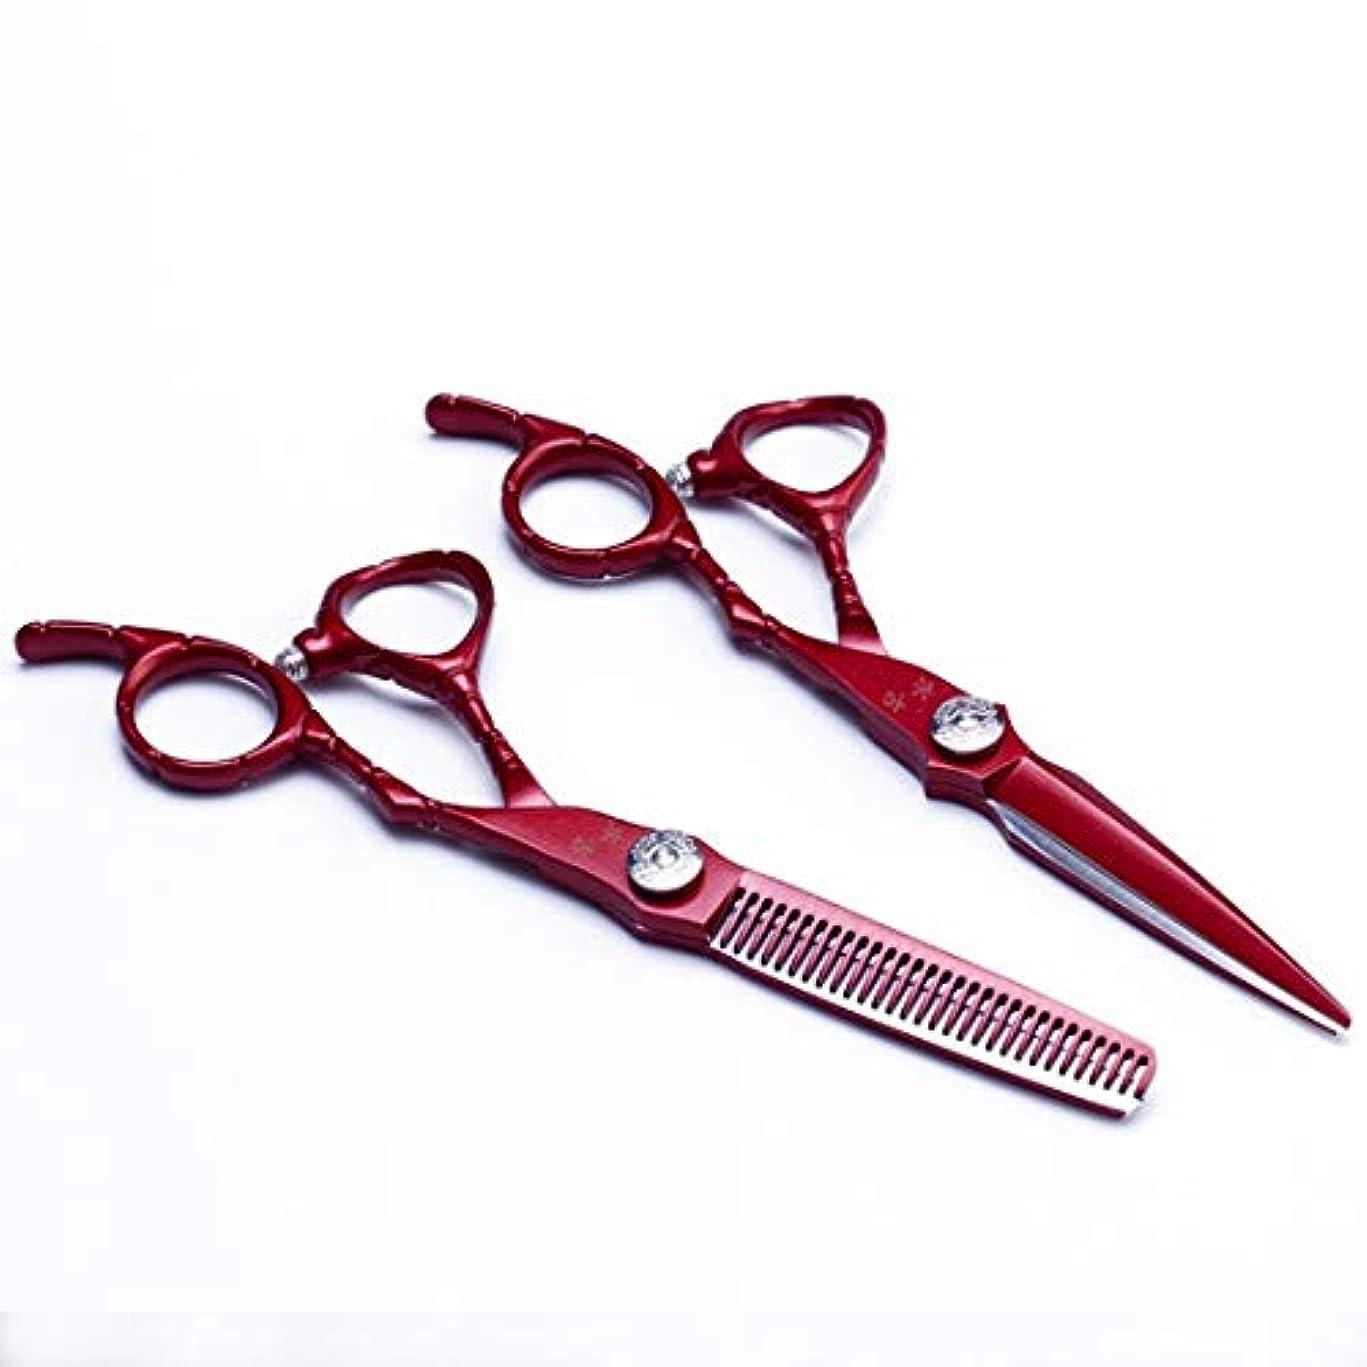 航空便不満民間人Jiaoran 理髪はさみ理髪はさみフラットせん断はさみプロの理髪師はさみセット